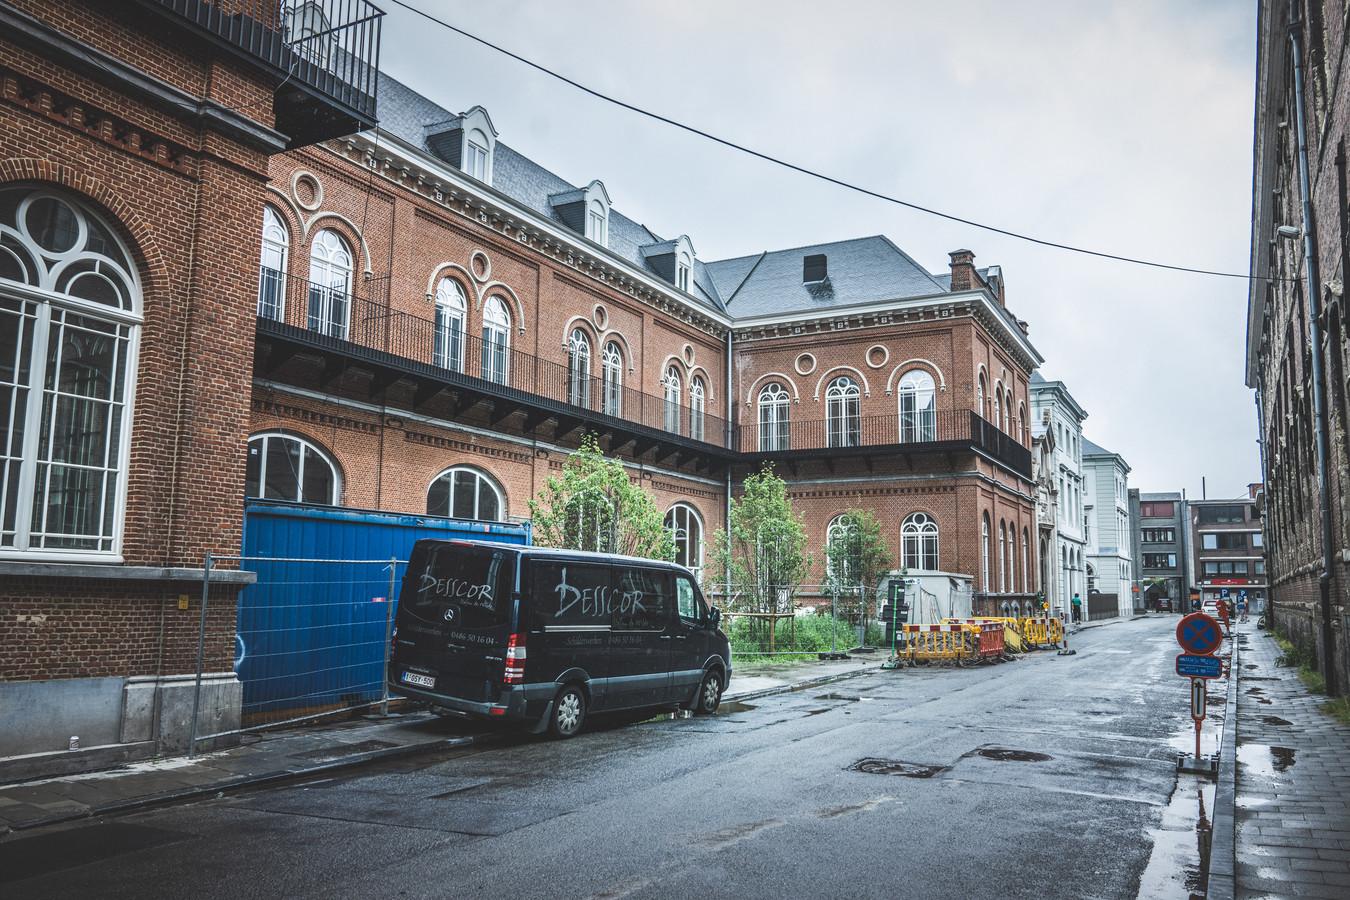 De oude brandweerkazerne in de Academiestraat is momenteel een groot bouwproject. Of de bodem er PFOS bevat? Niemand die het weet